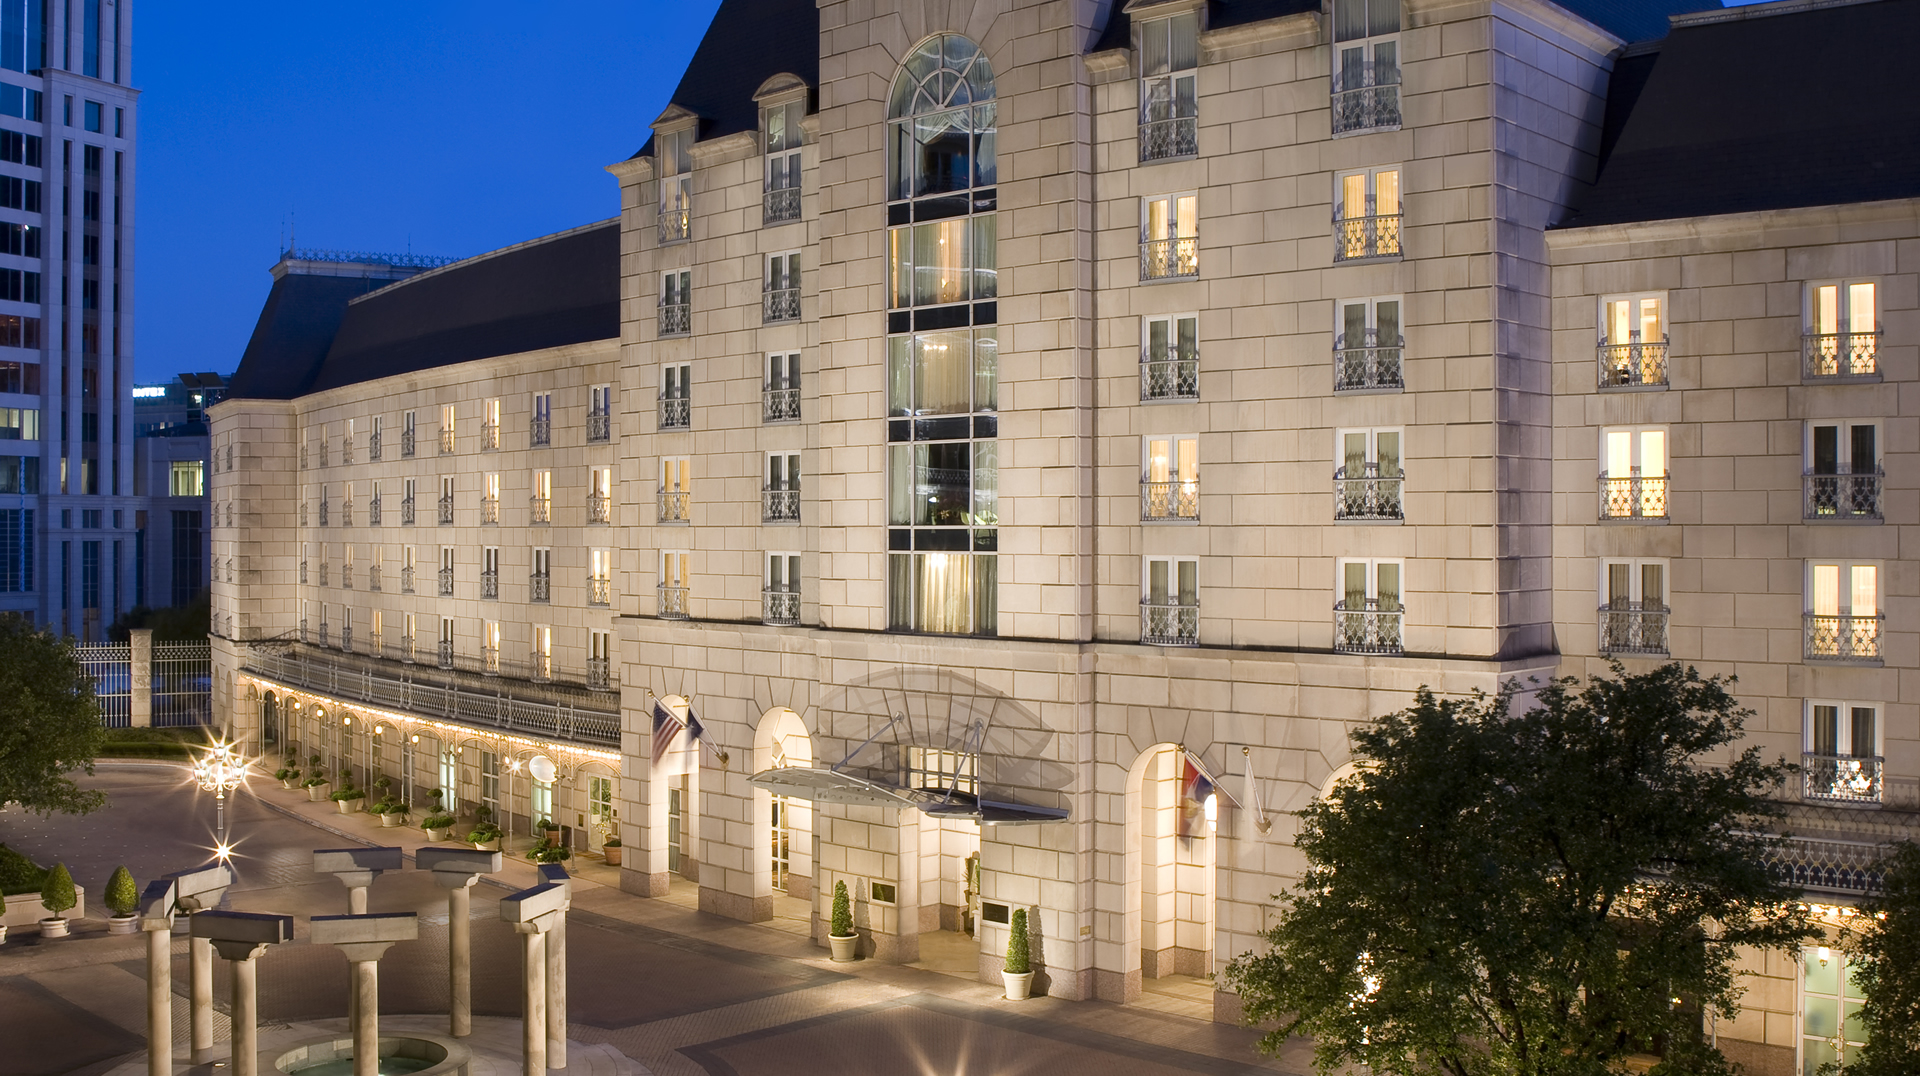 Hotel Crescent Court exterior (evening)